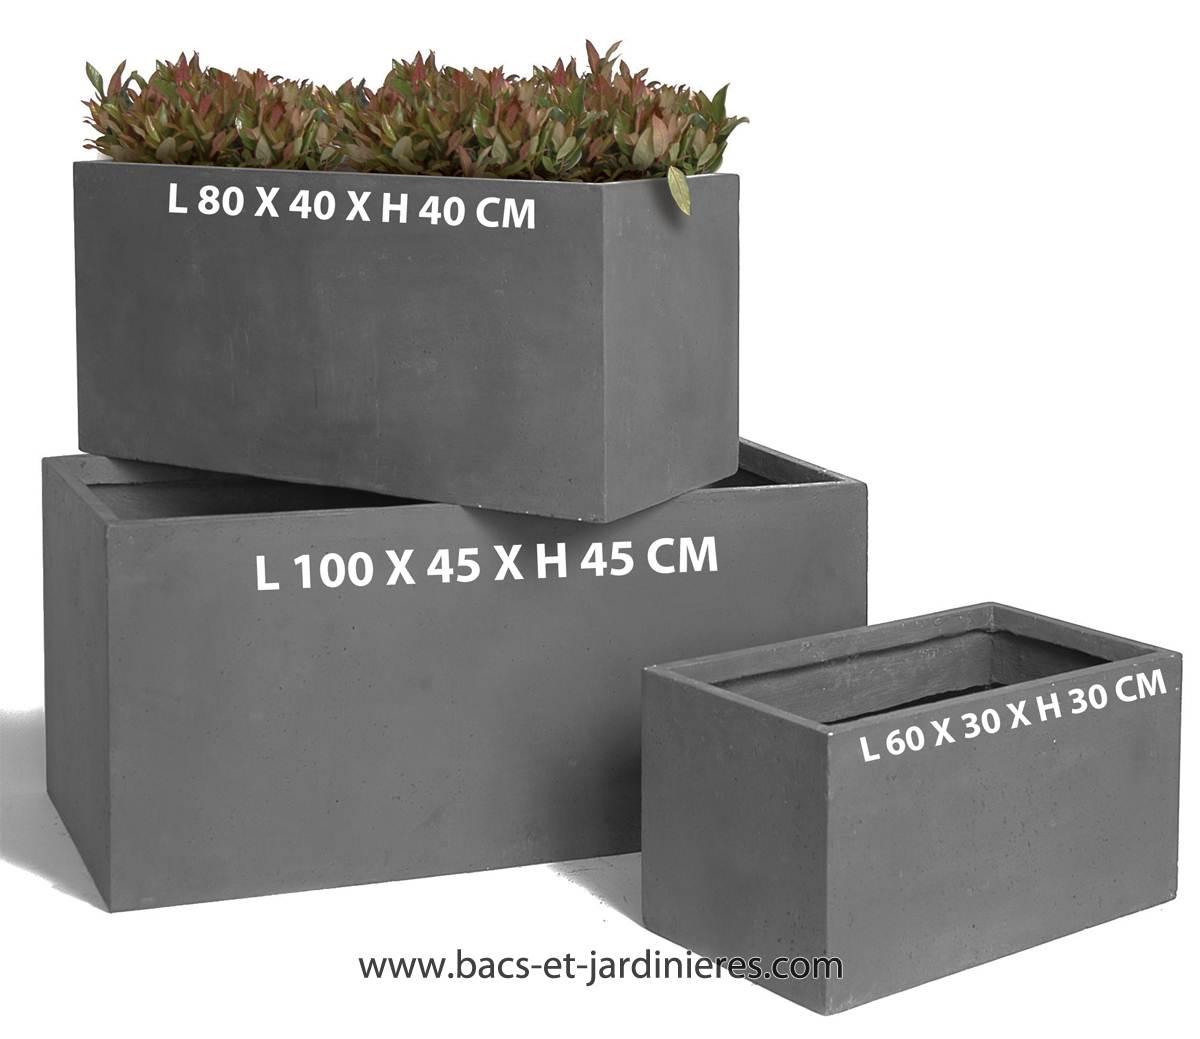 grande jardiniere esthetique resistance accueil design et mobilier. Black Bedroom Furniture Sets. Home Design Ideas